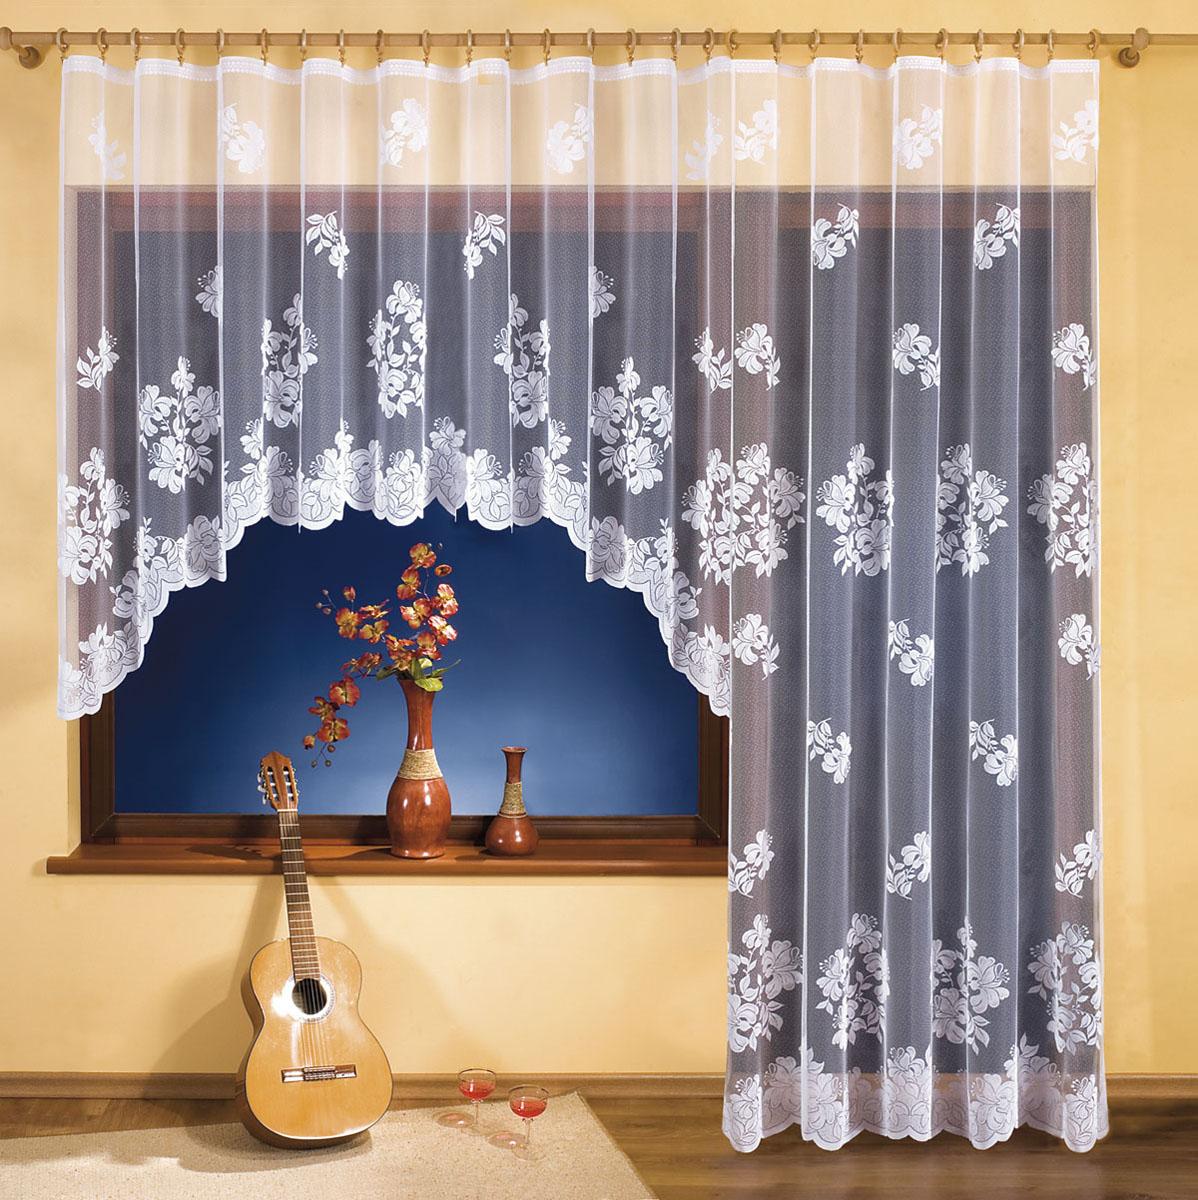 Комплект штор Wisan, цвет: белый, высота 250 смБ142Комплект гардин для окна с балконной дверью, крепление зажимы для штор.Размеры: 300*150+250*150